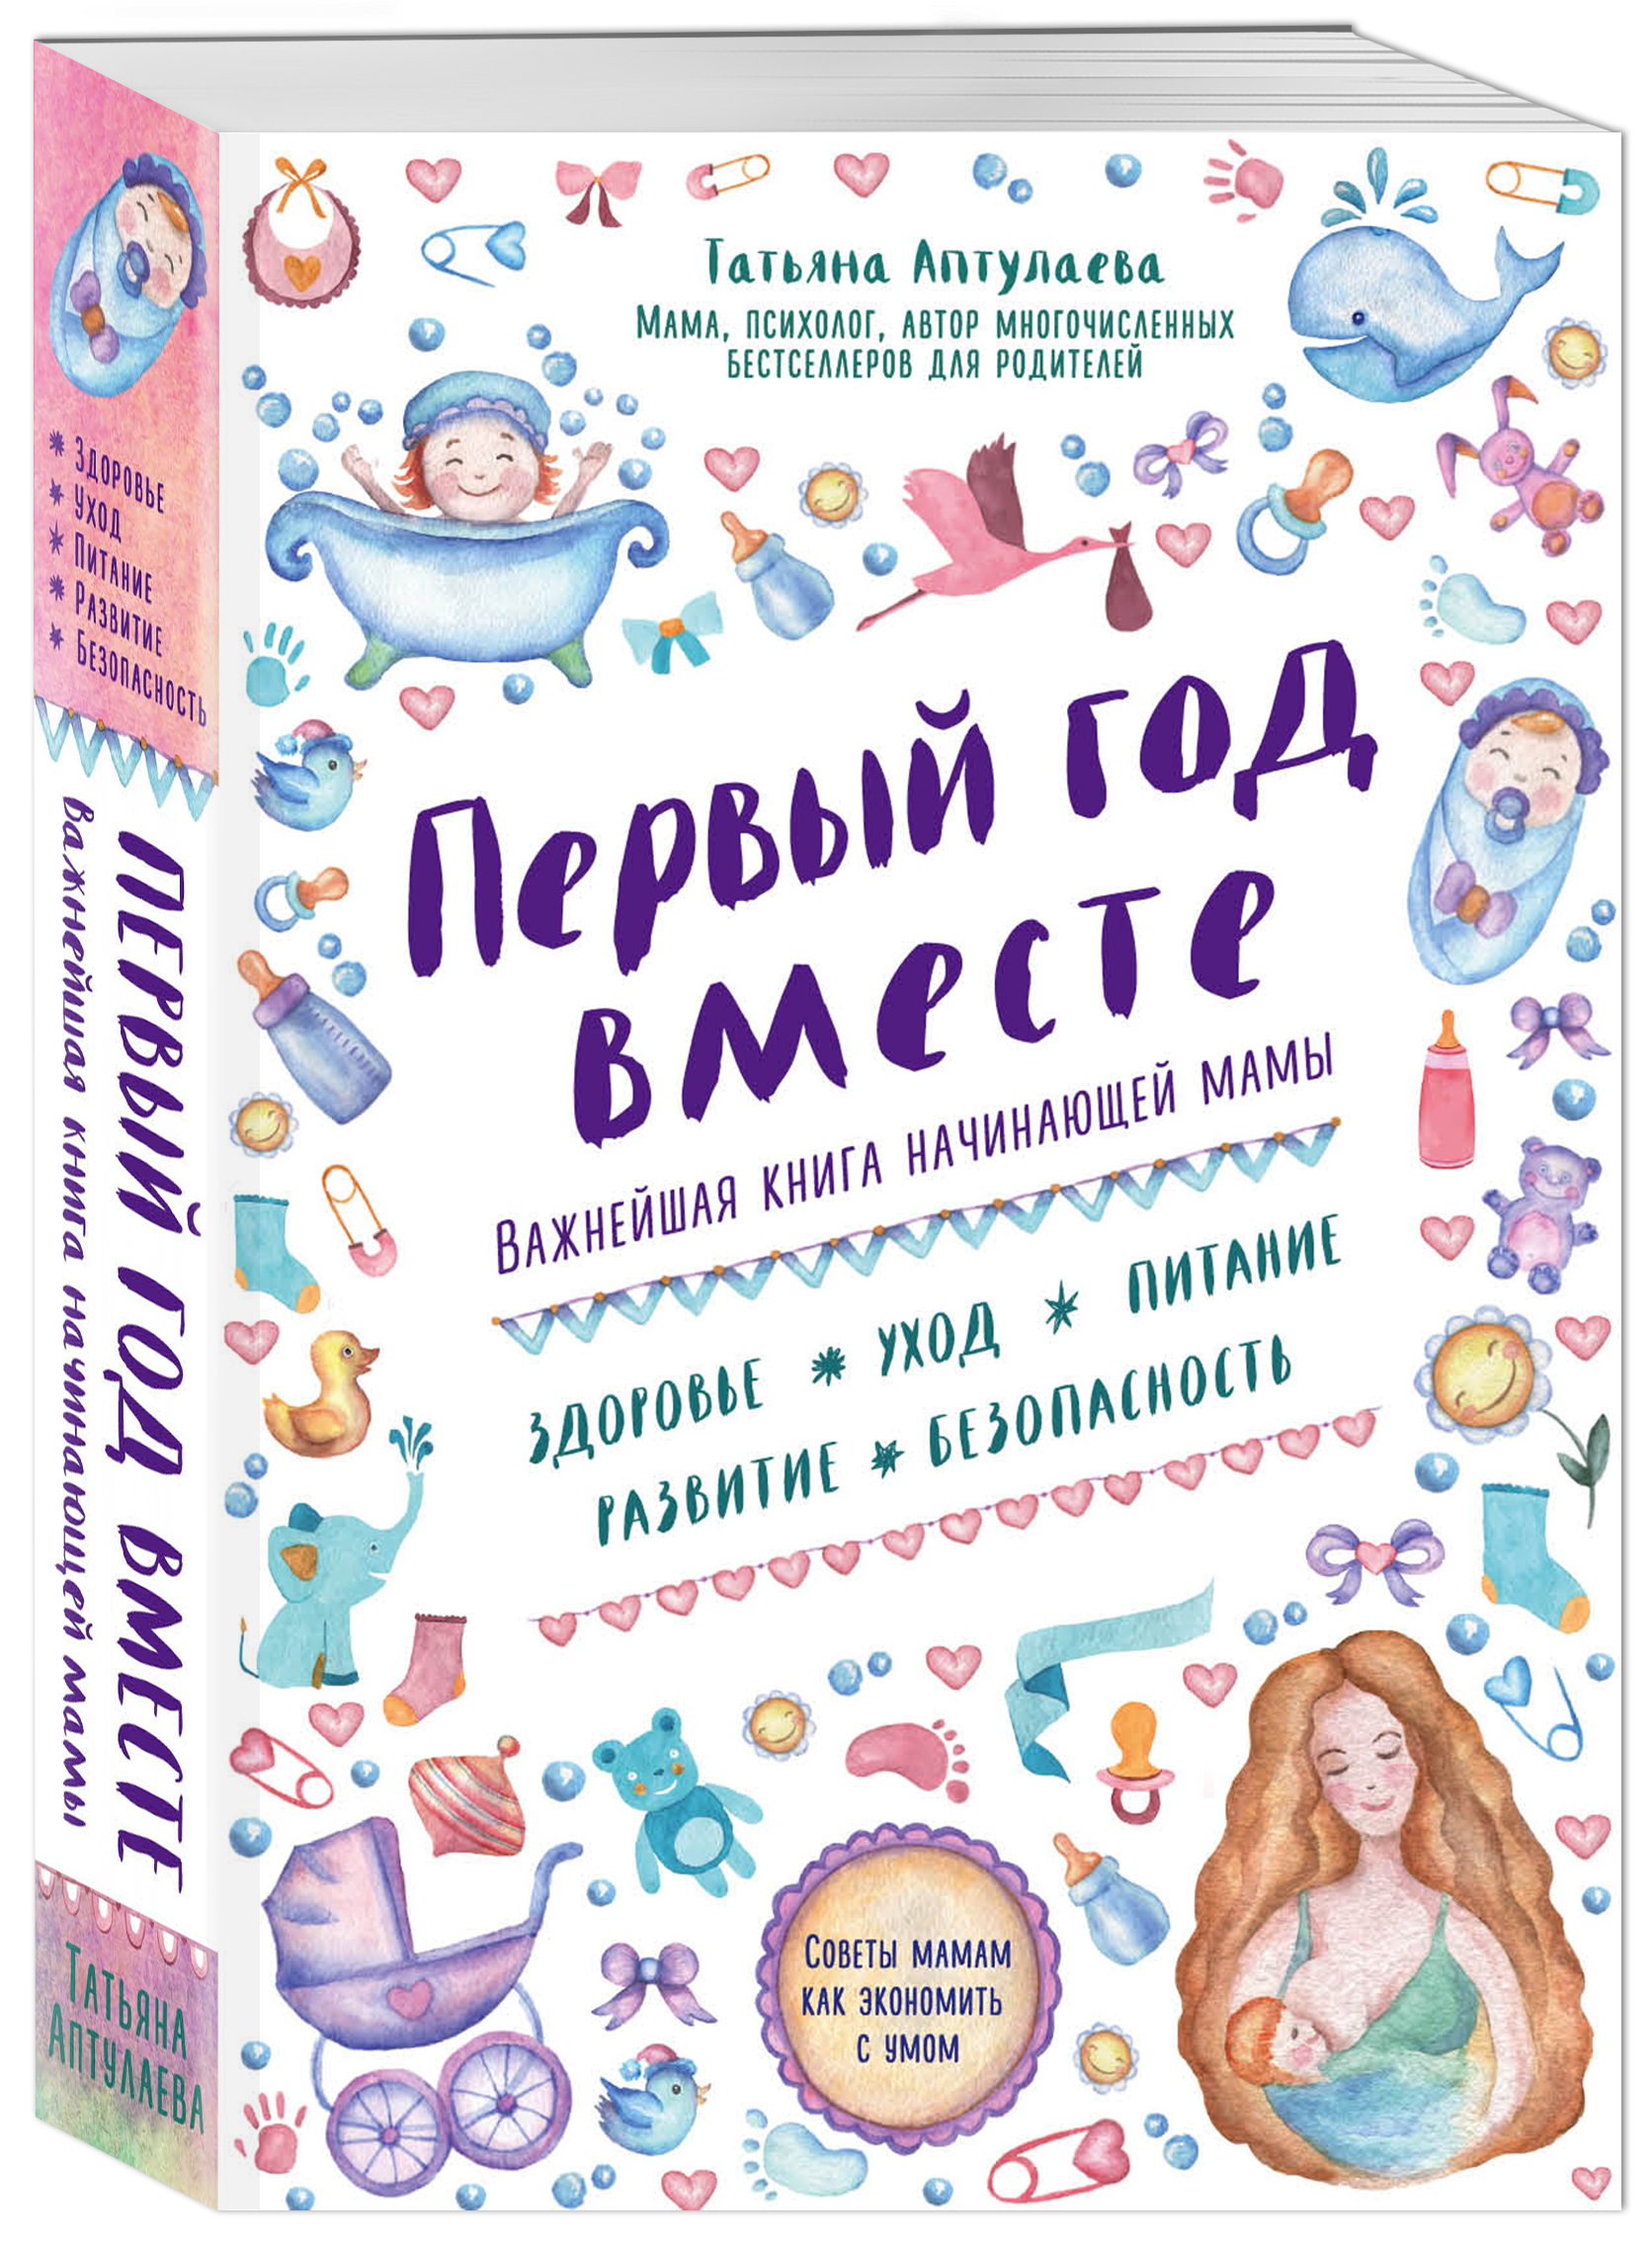 Татьяна Аптулаева Первый год вместе. Важнейшая книга начинающей мамы